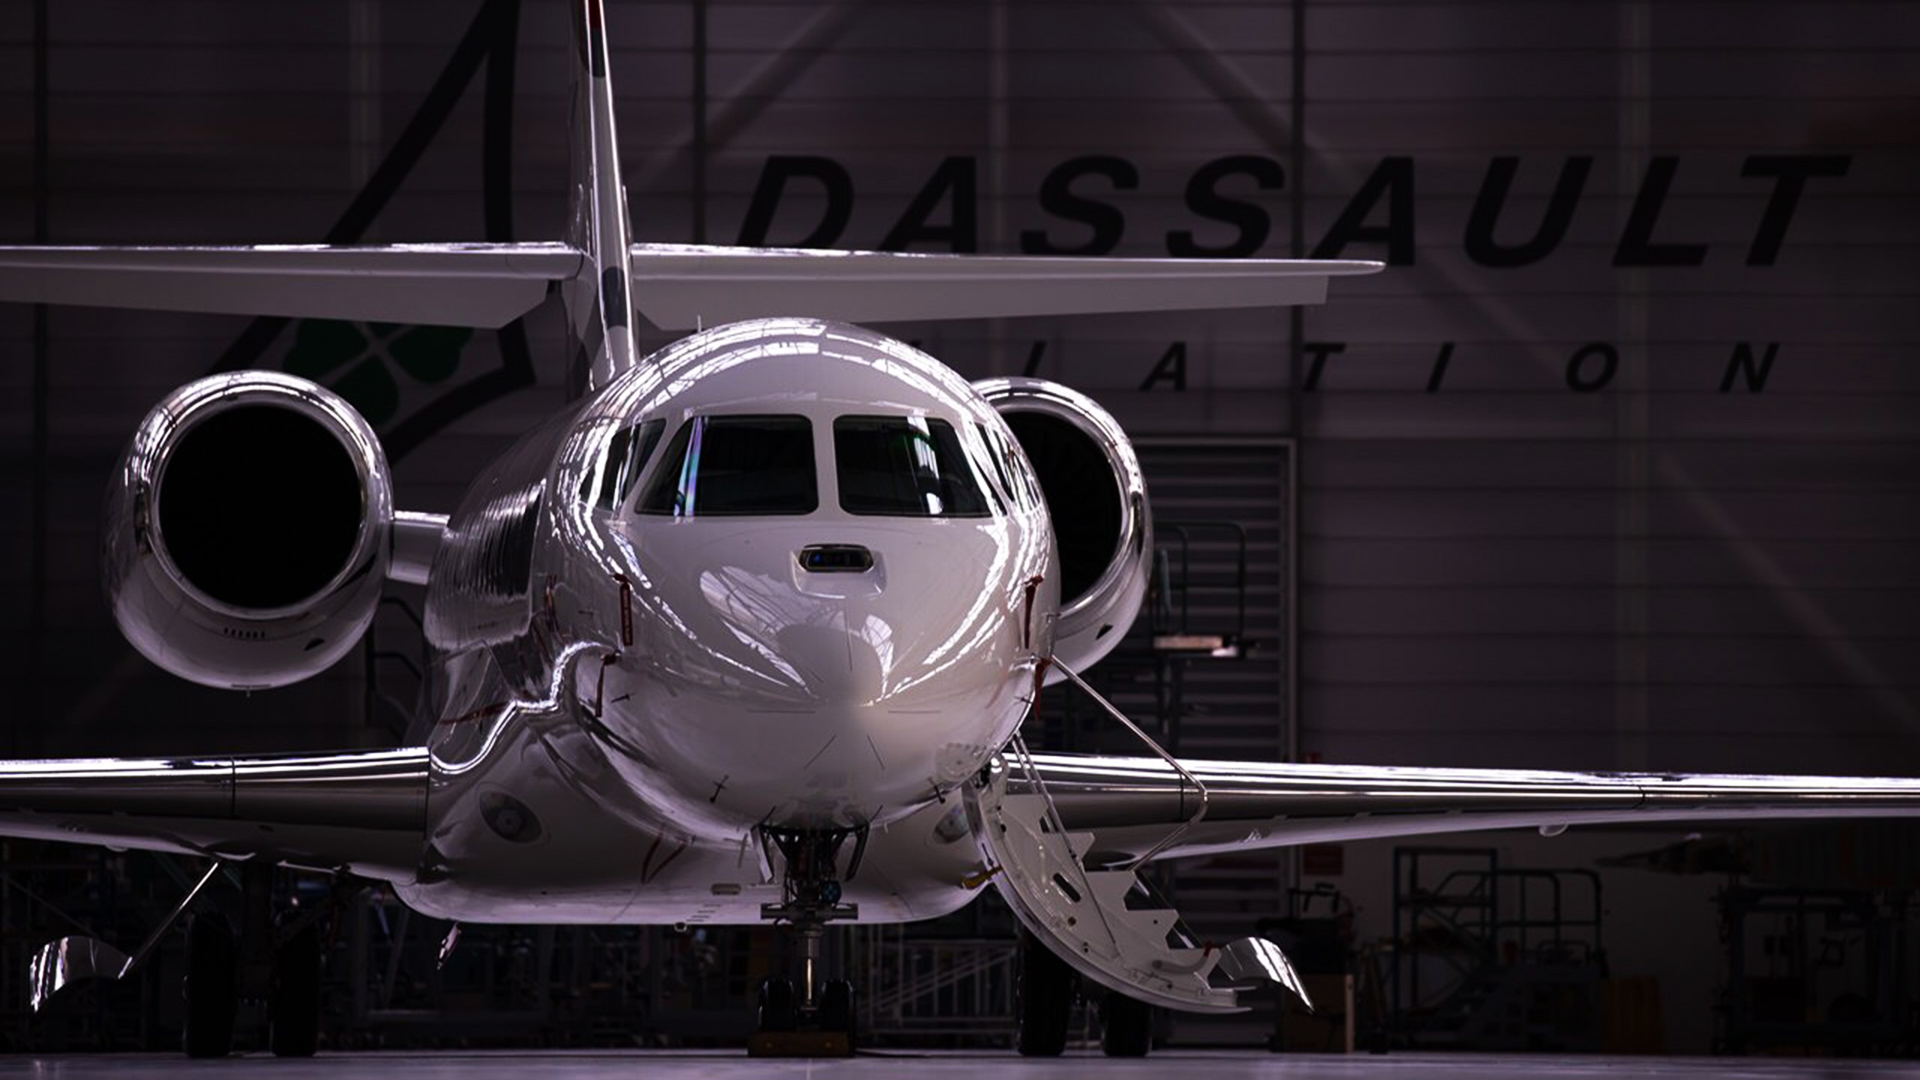 dassault-falcon-6x